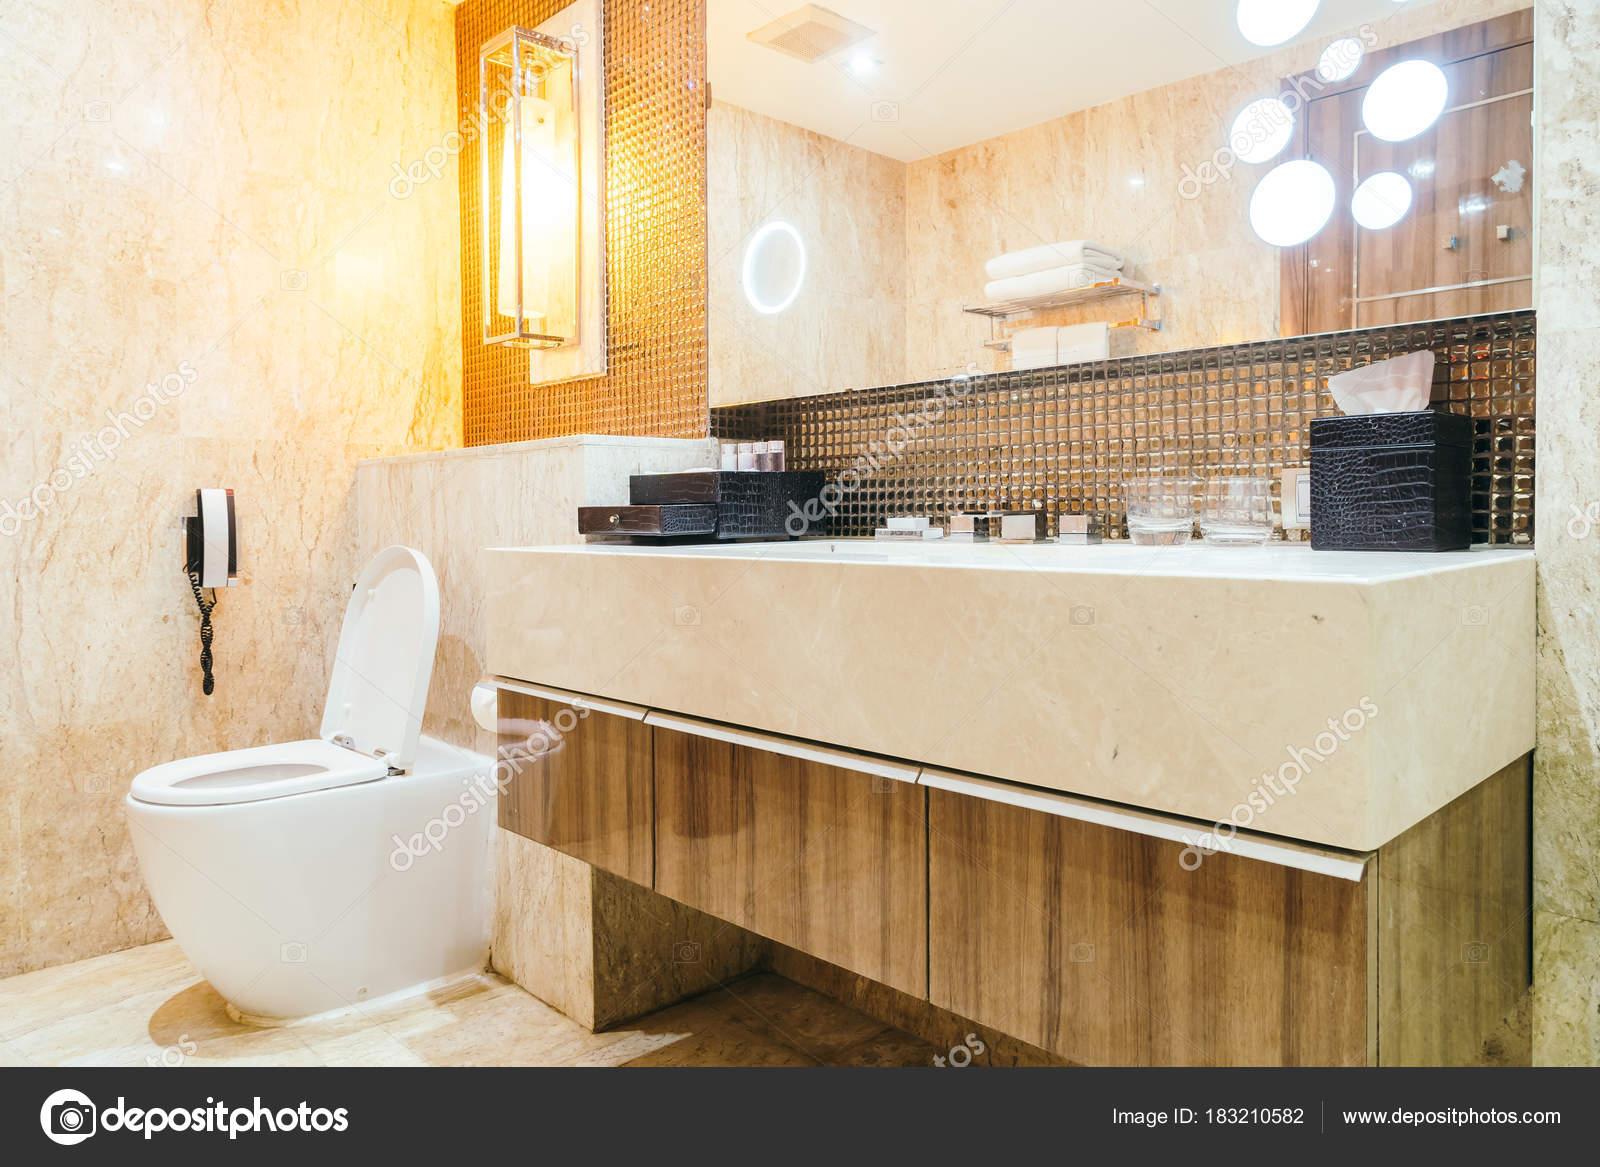 Decoratie van kraan wastafel badkamer interieur u2014 stockfoto